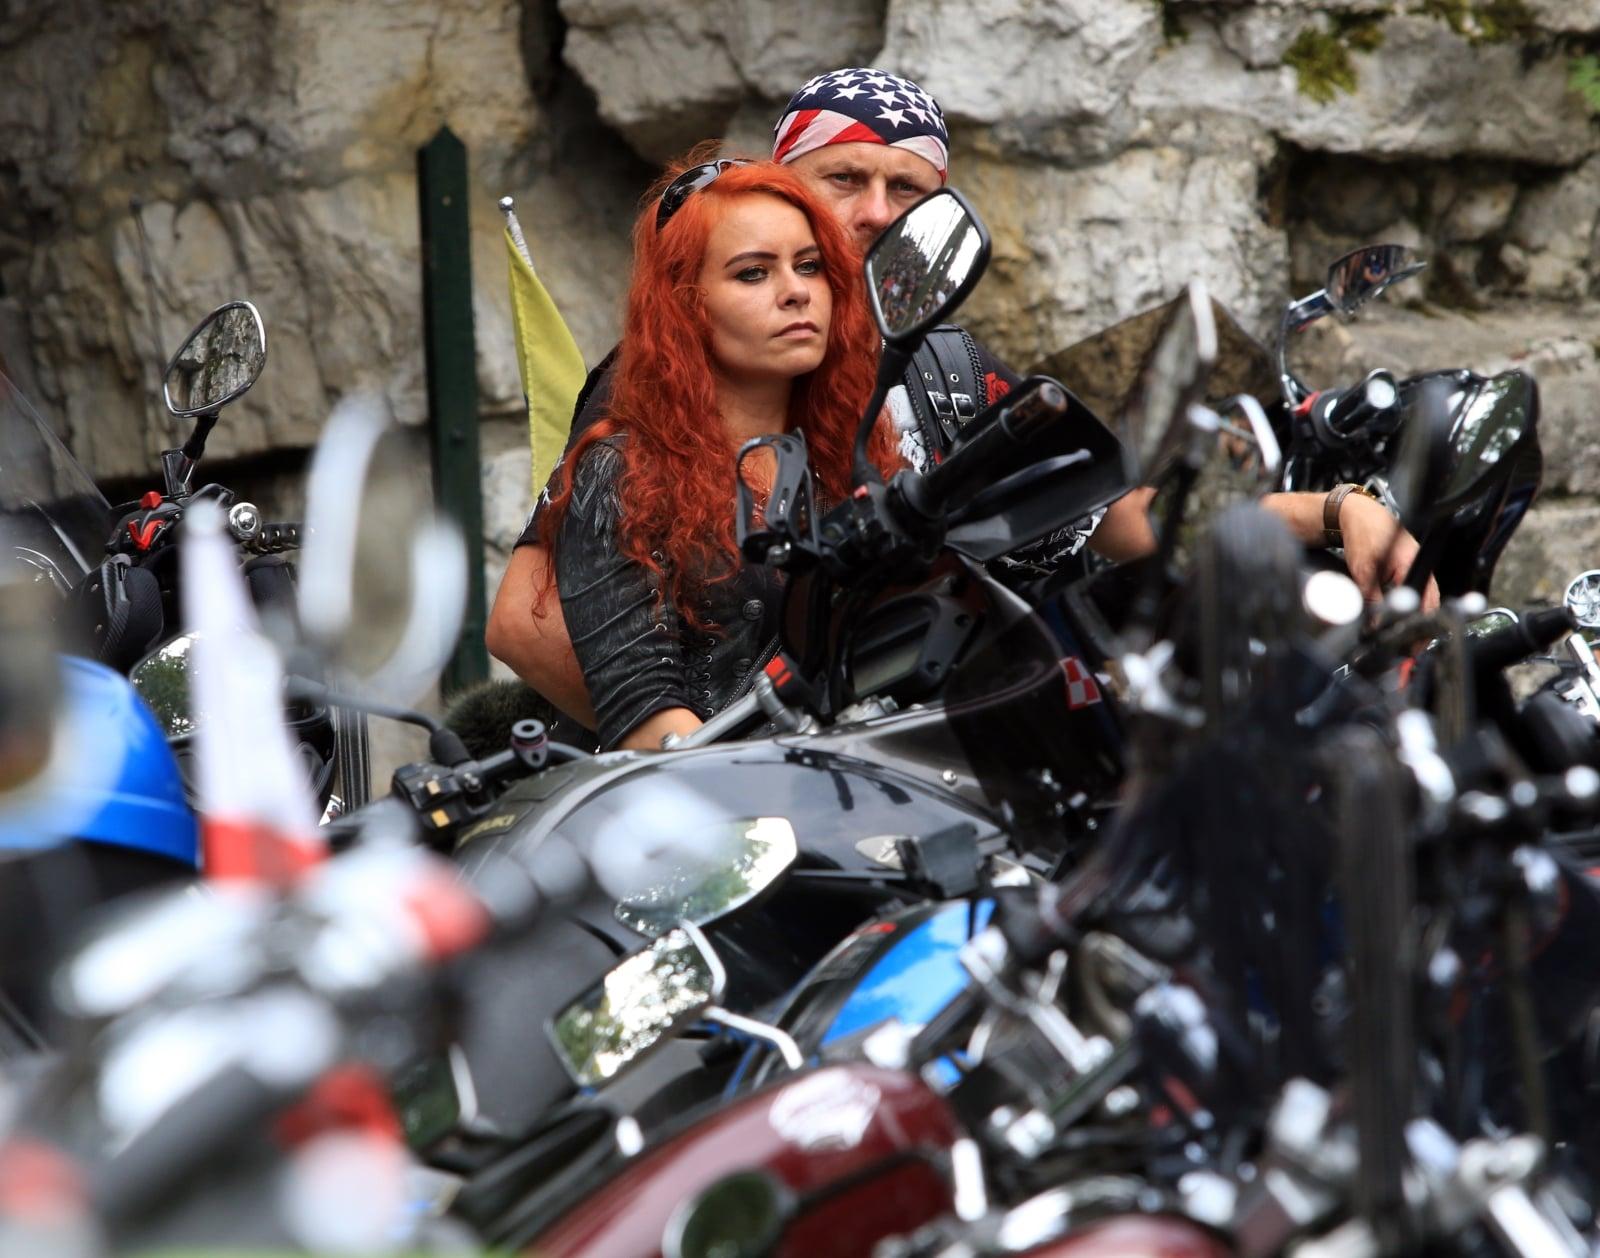 Pielgrzymka Motocyklistów na Górę Świętej Anny PAP/Krzysztof Świderski